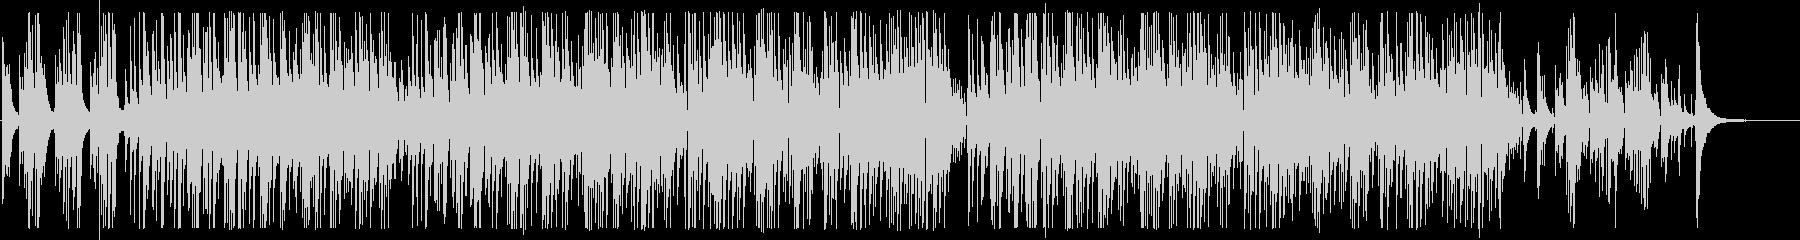 2本のボサノバギターBGM Longの未再生の波形